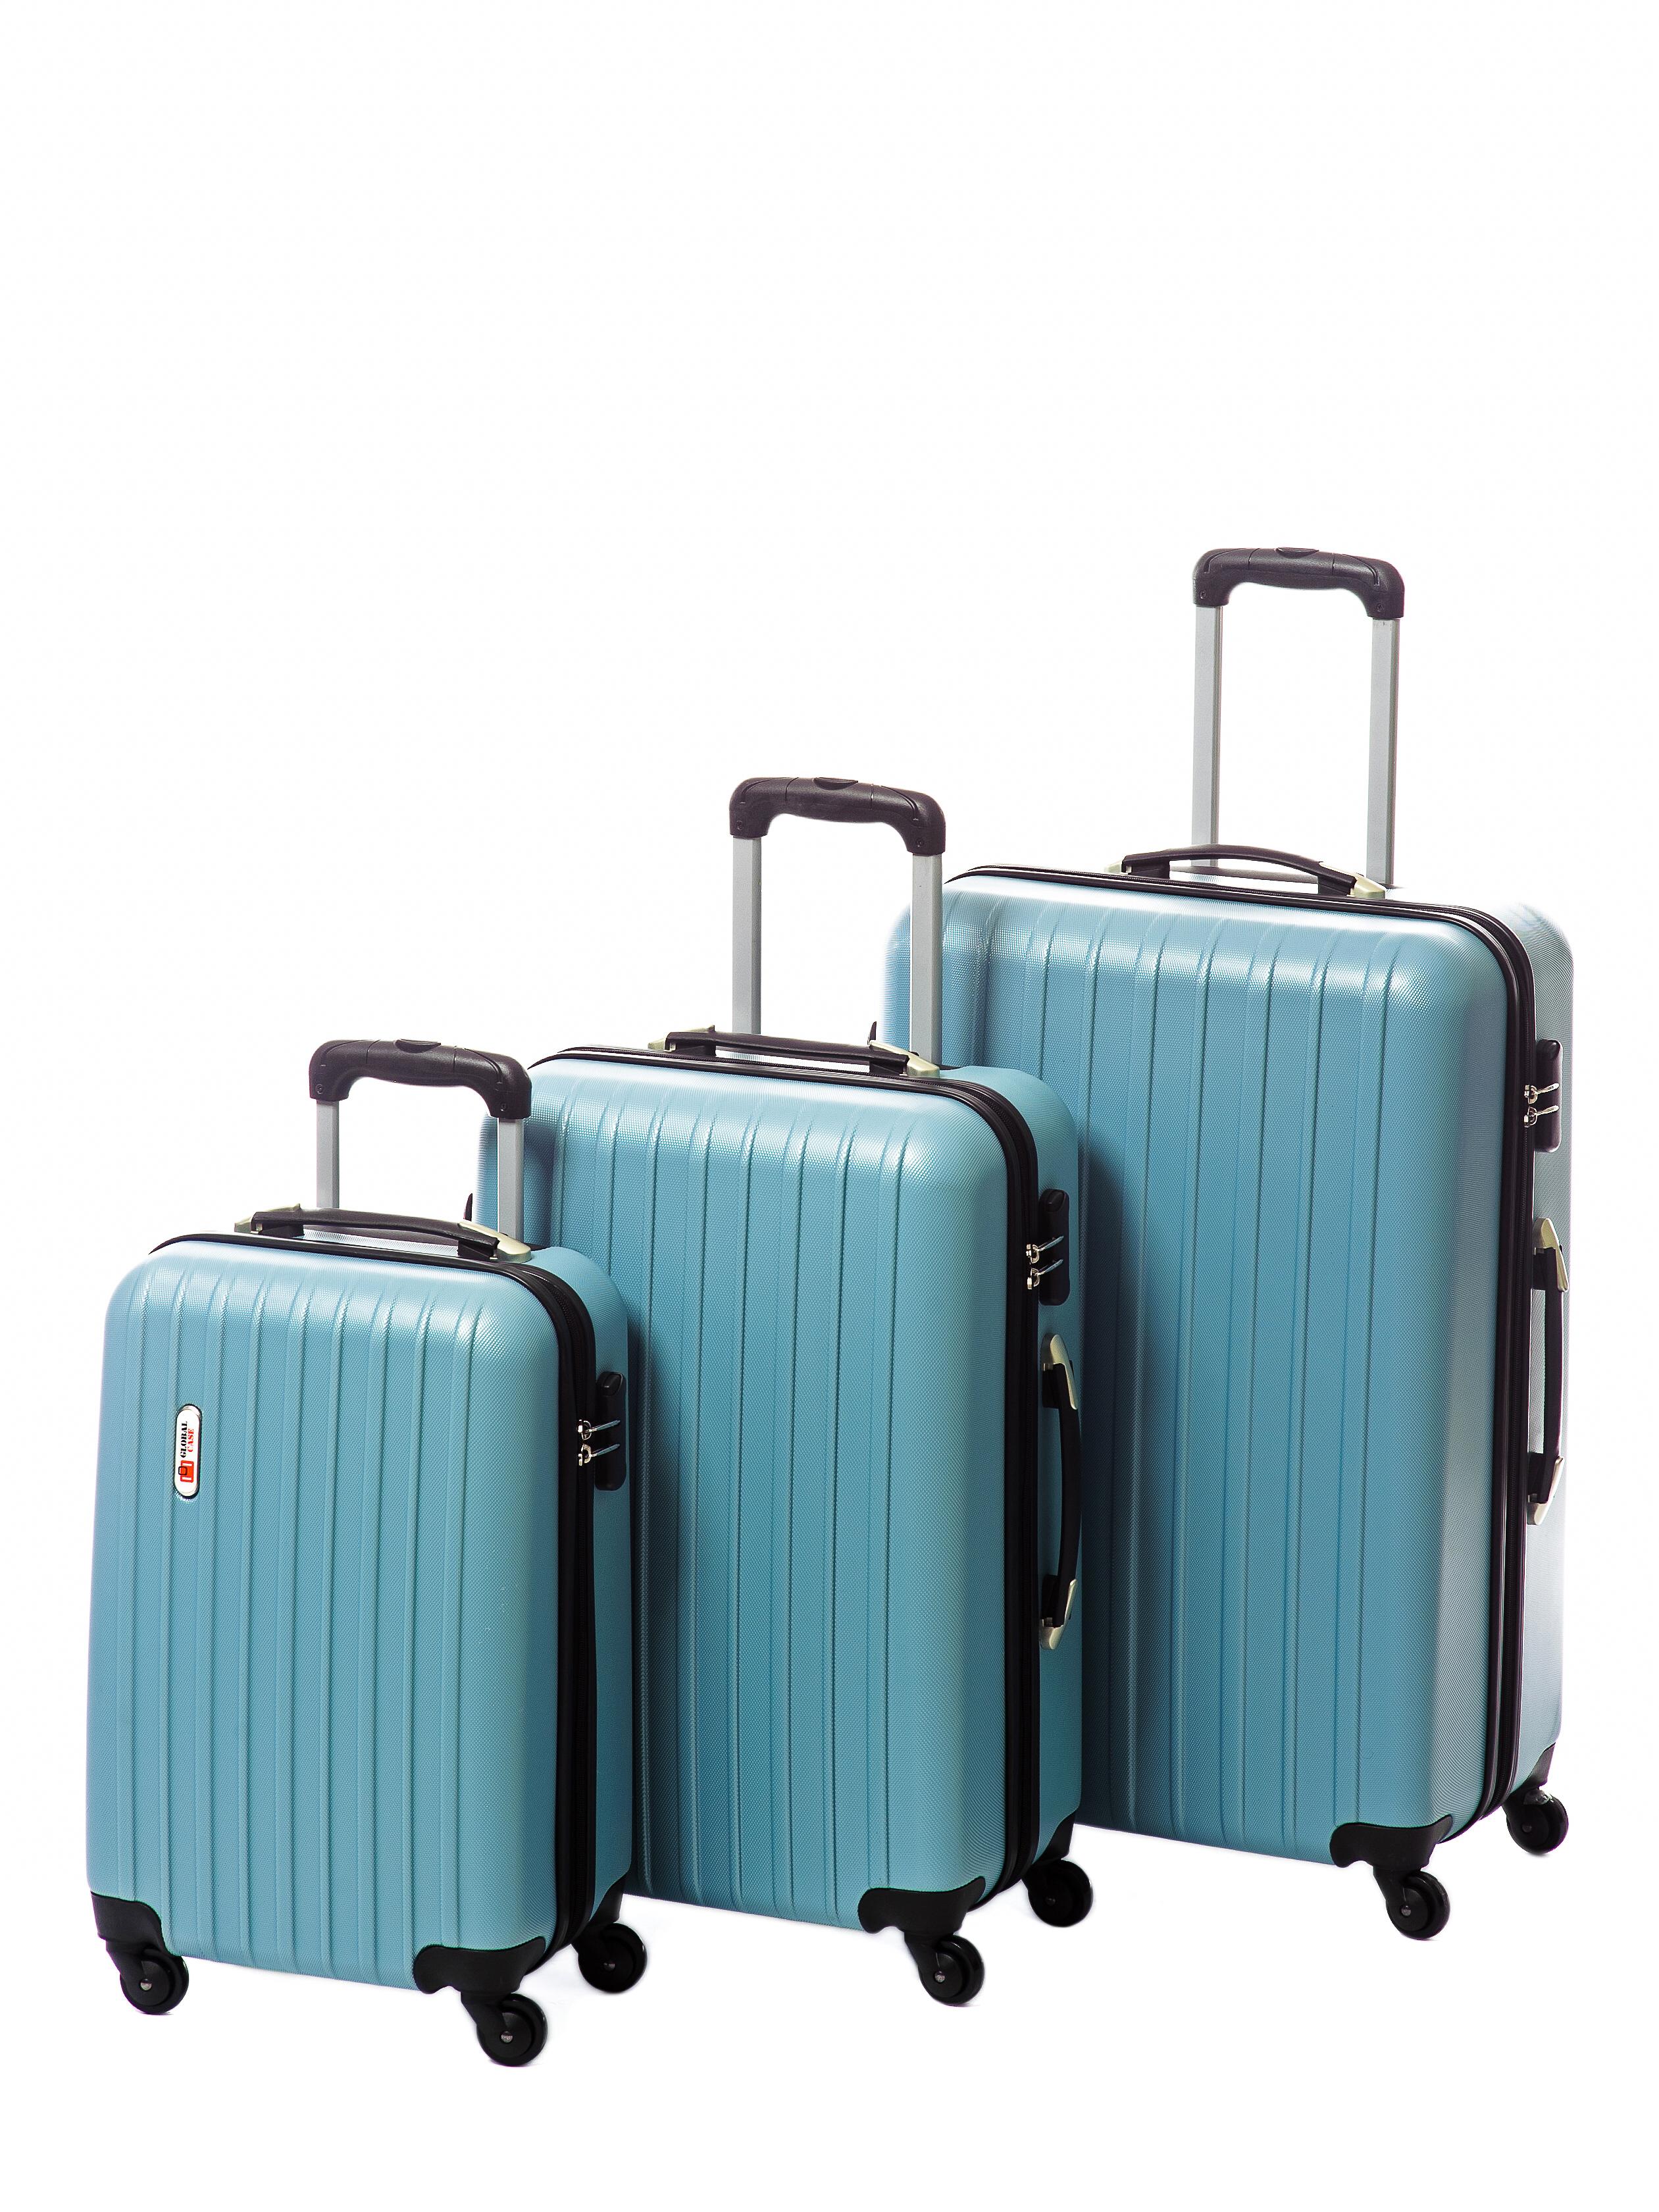 Чемоданы какой фирмы лучше отзывы akubens сумки мягкие чемоданы